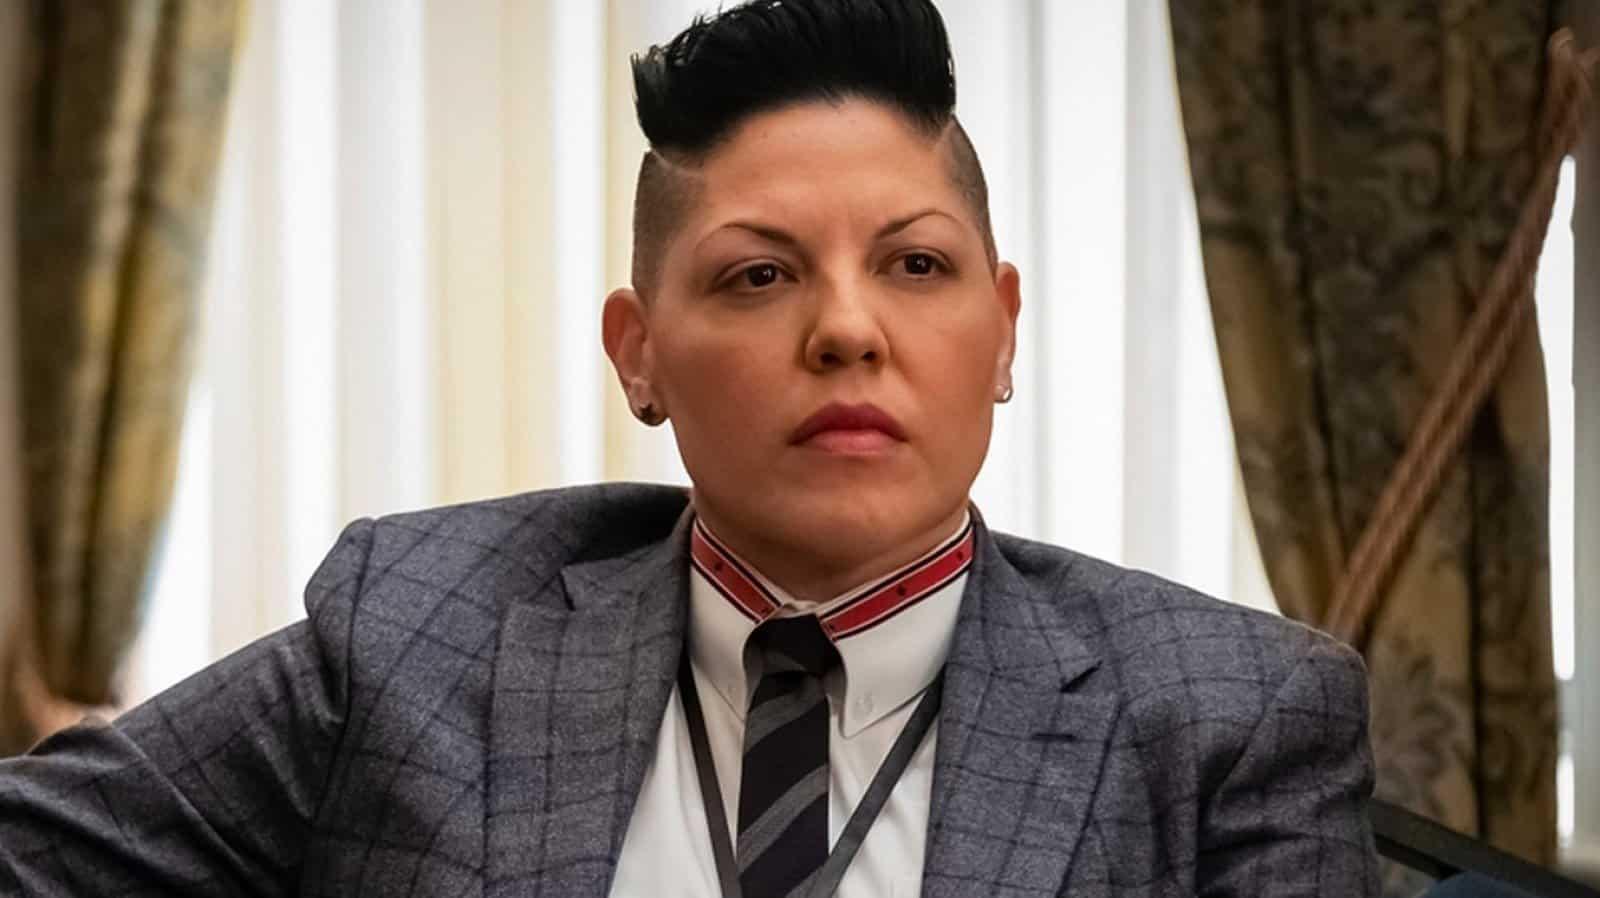 """Место Саманты, в продолжении сериала """"Секс в большом городе"""", займет персонаж небинарного гендера"""